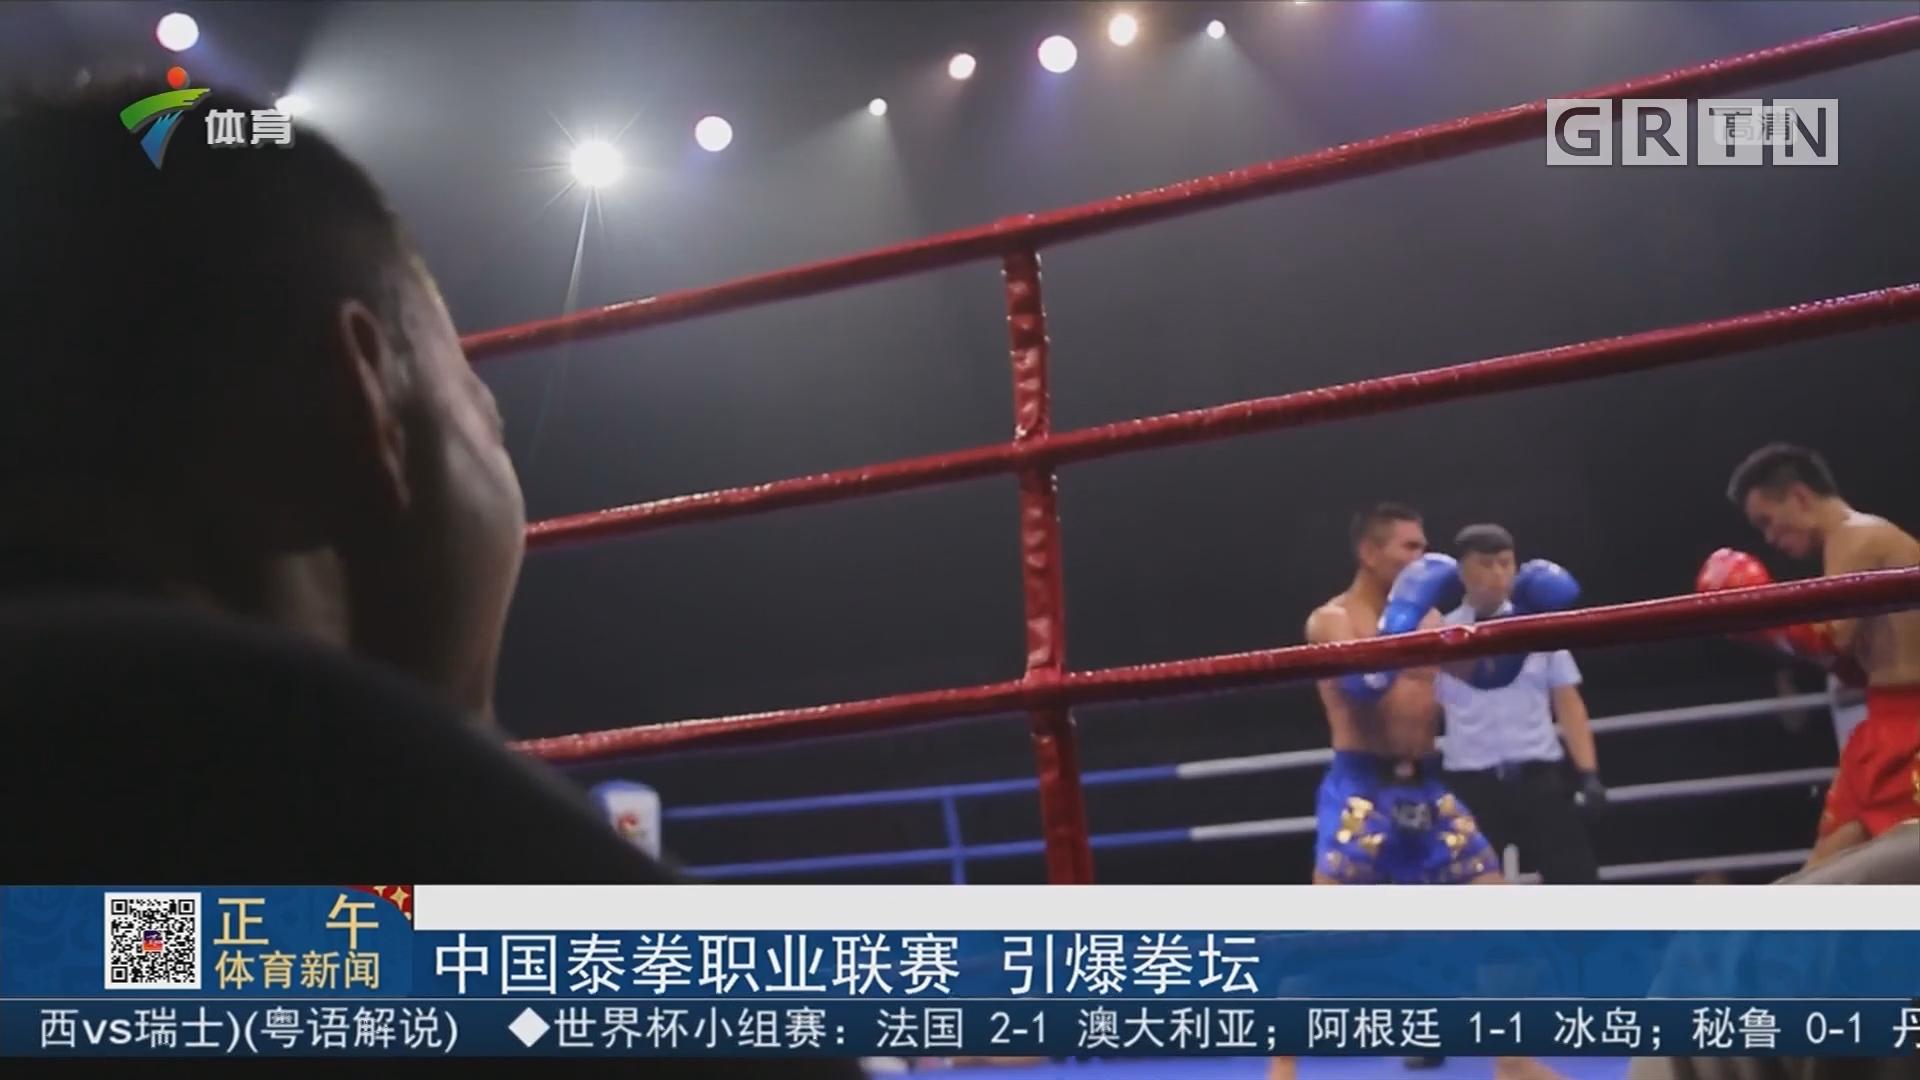 中国泰拳职业联赛 引爆拳坛